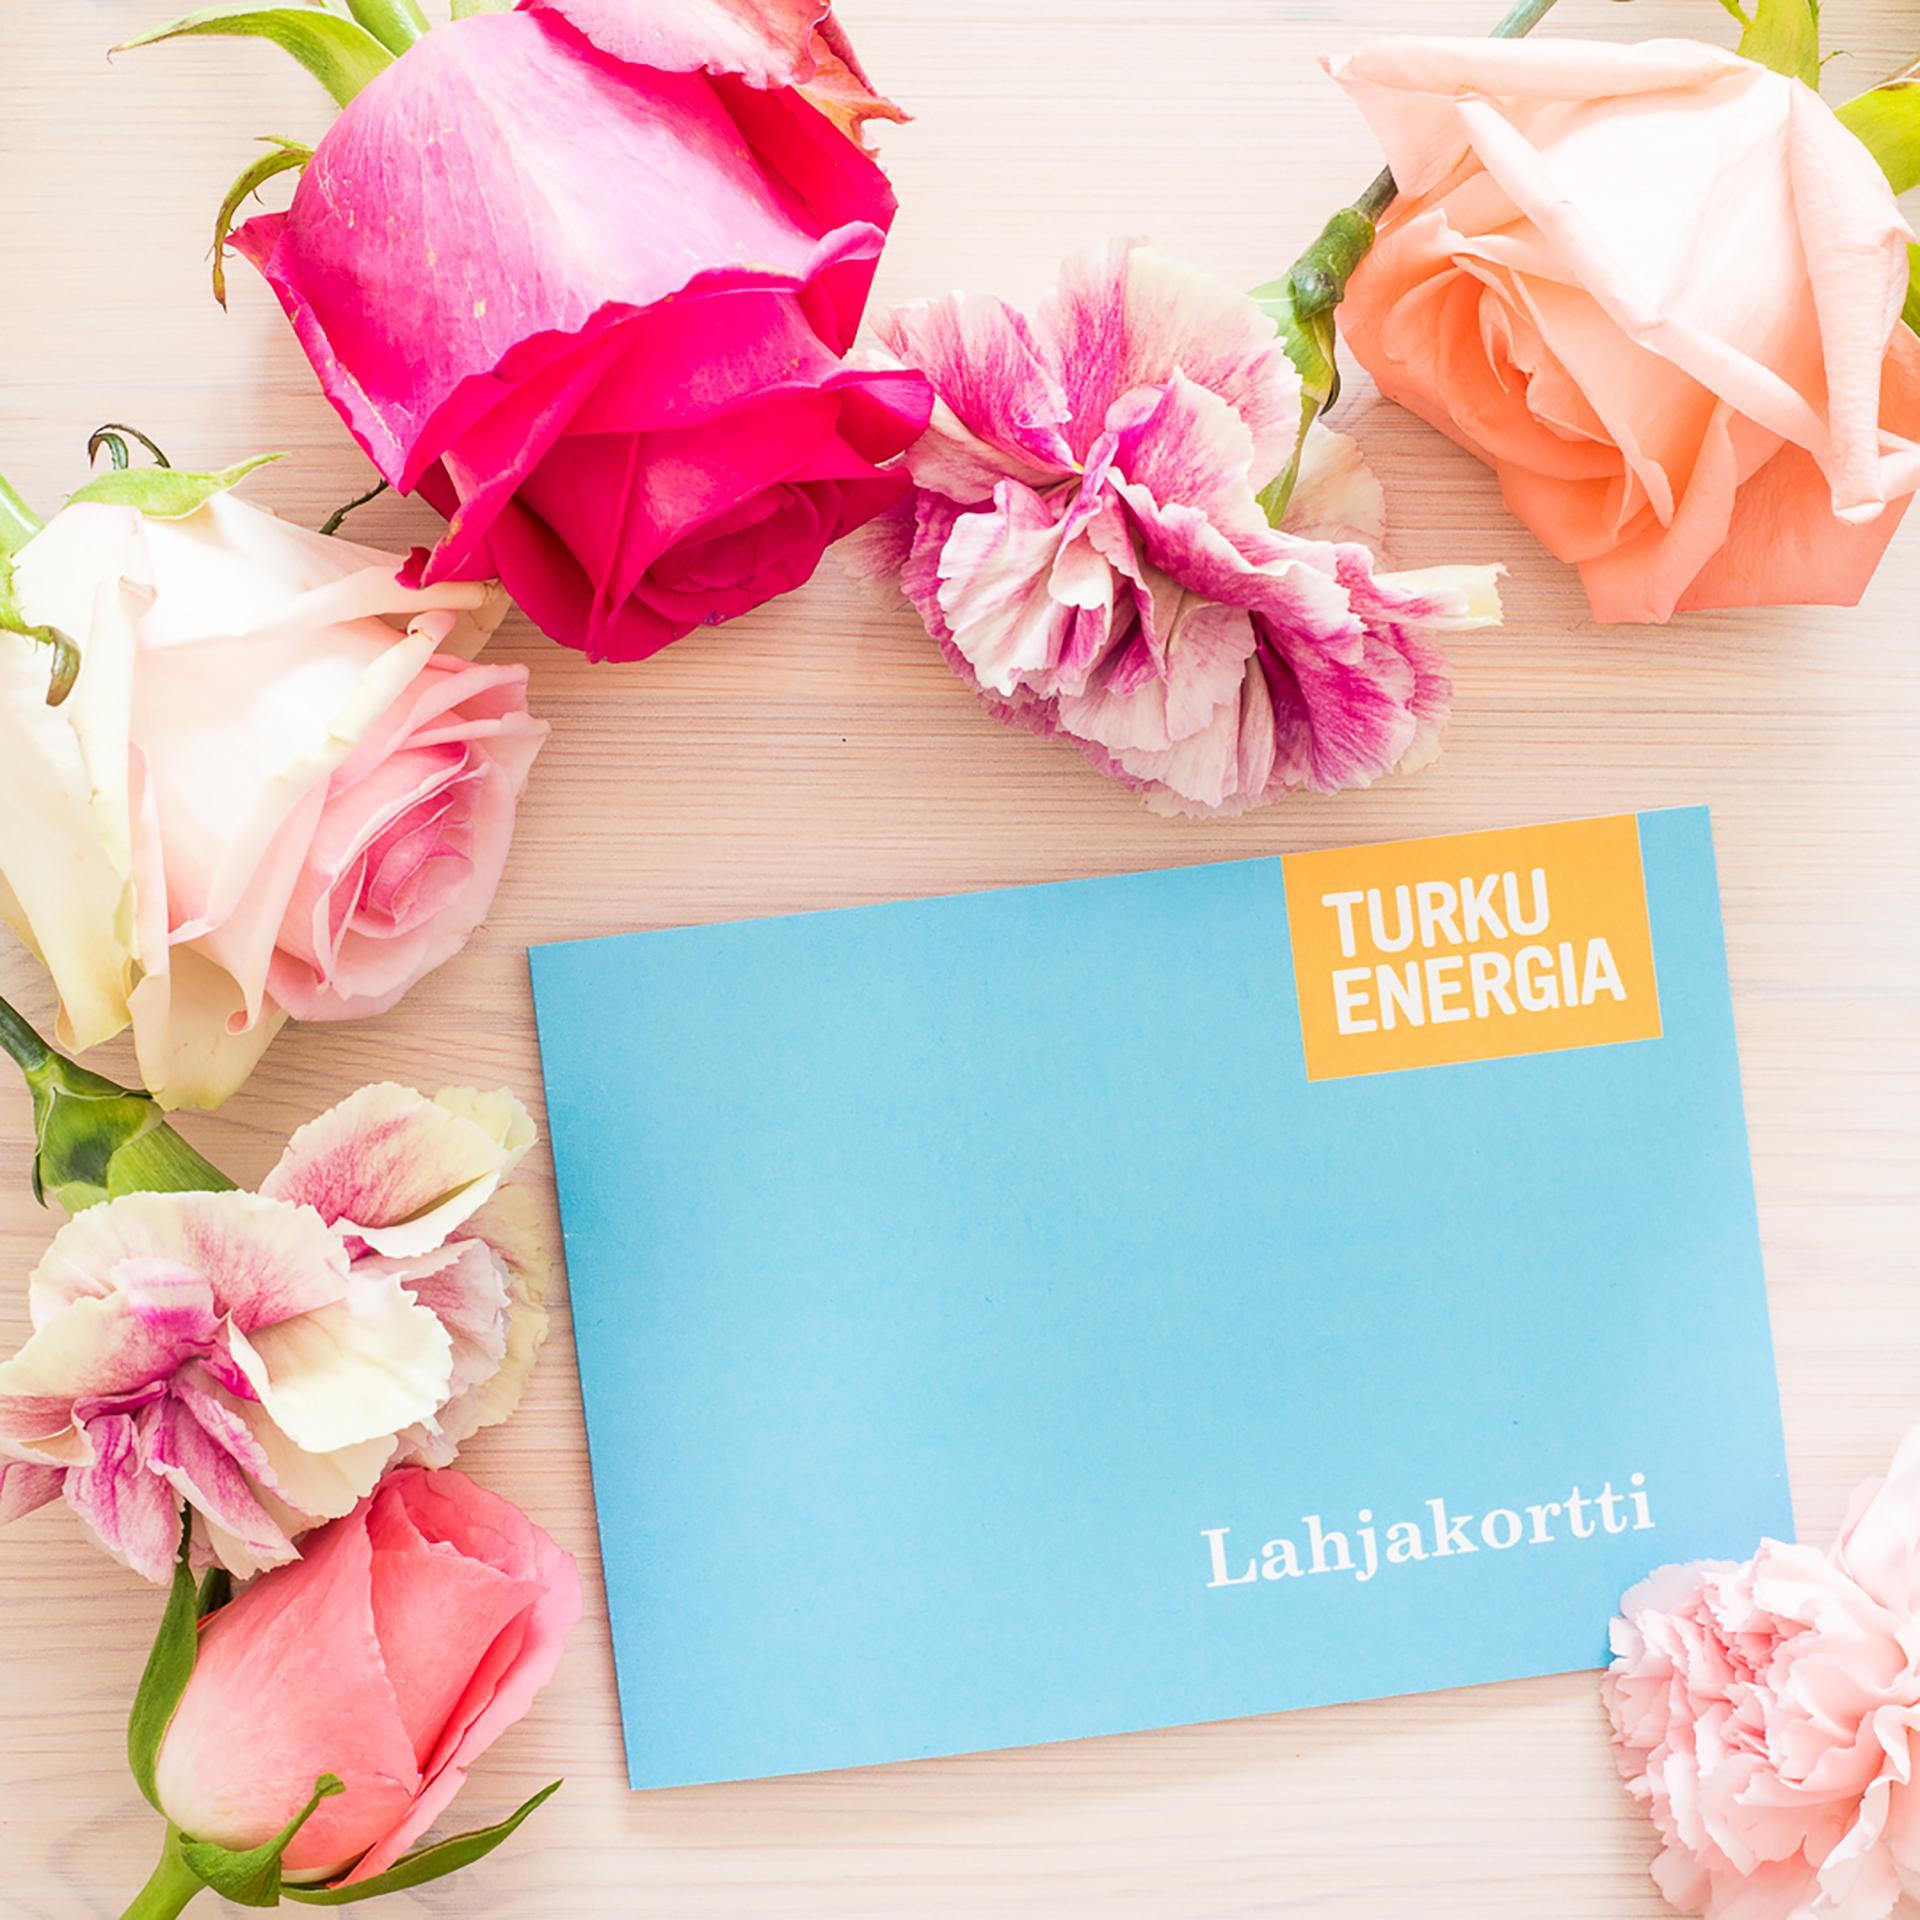 Turku Energian lahjakortti kukkien keskellä.